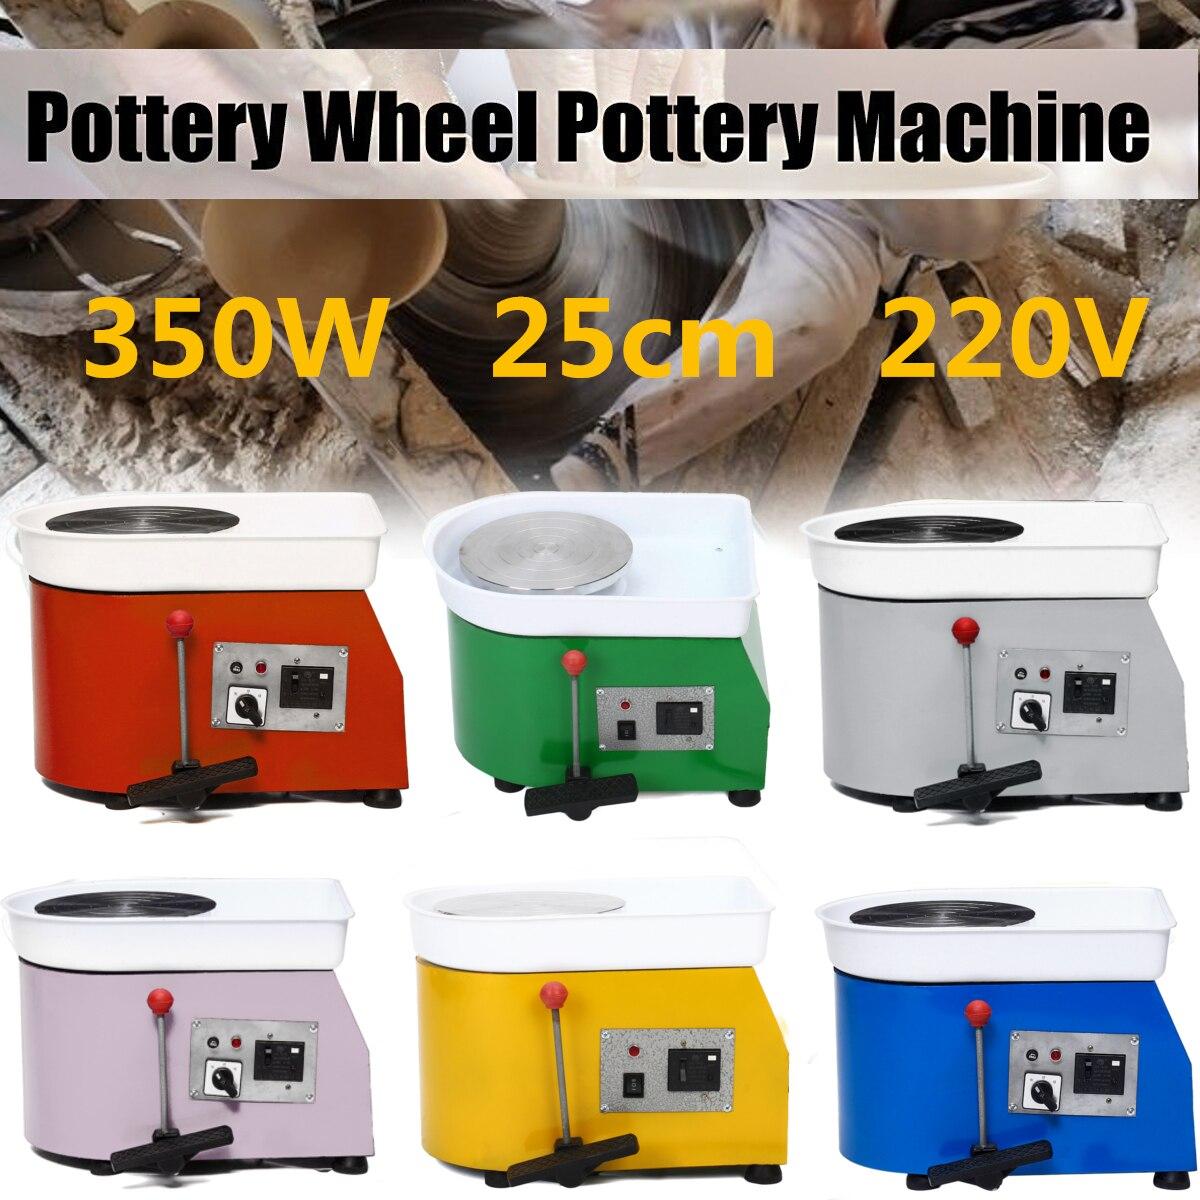 25 см 350 Вт гончарного круга, DIY глина машина для Керамика работы Керамика s глина 220 В Обучающее устройство для детей